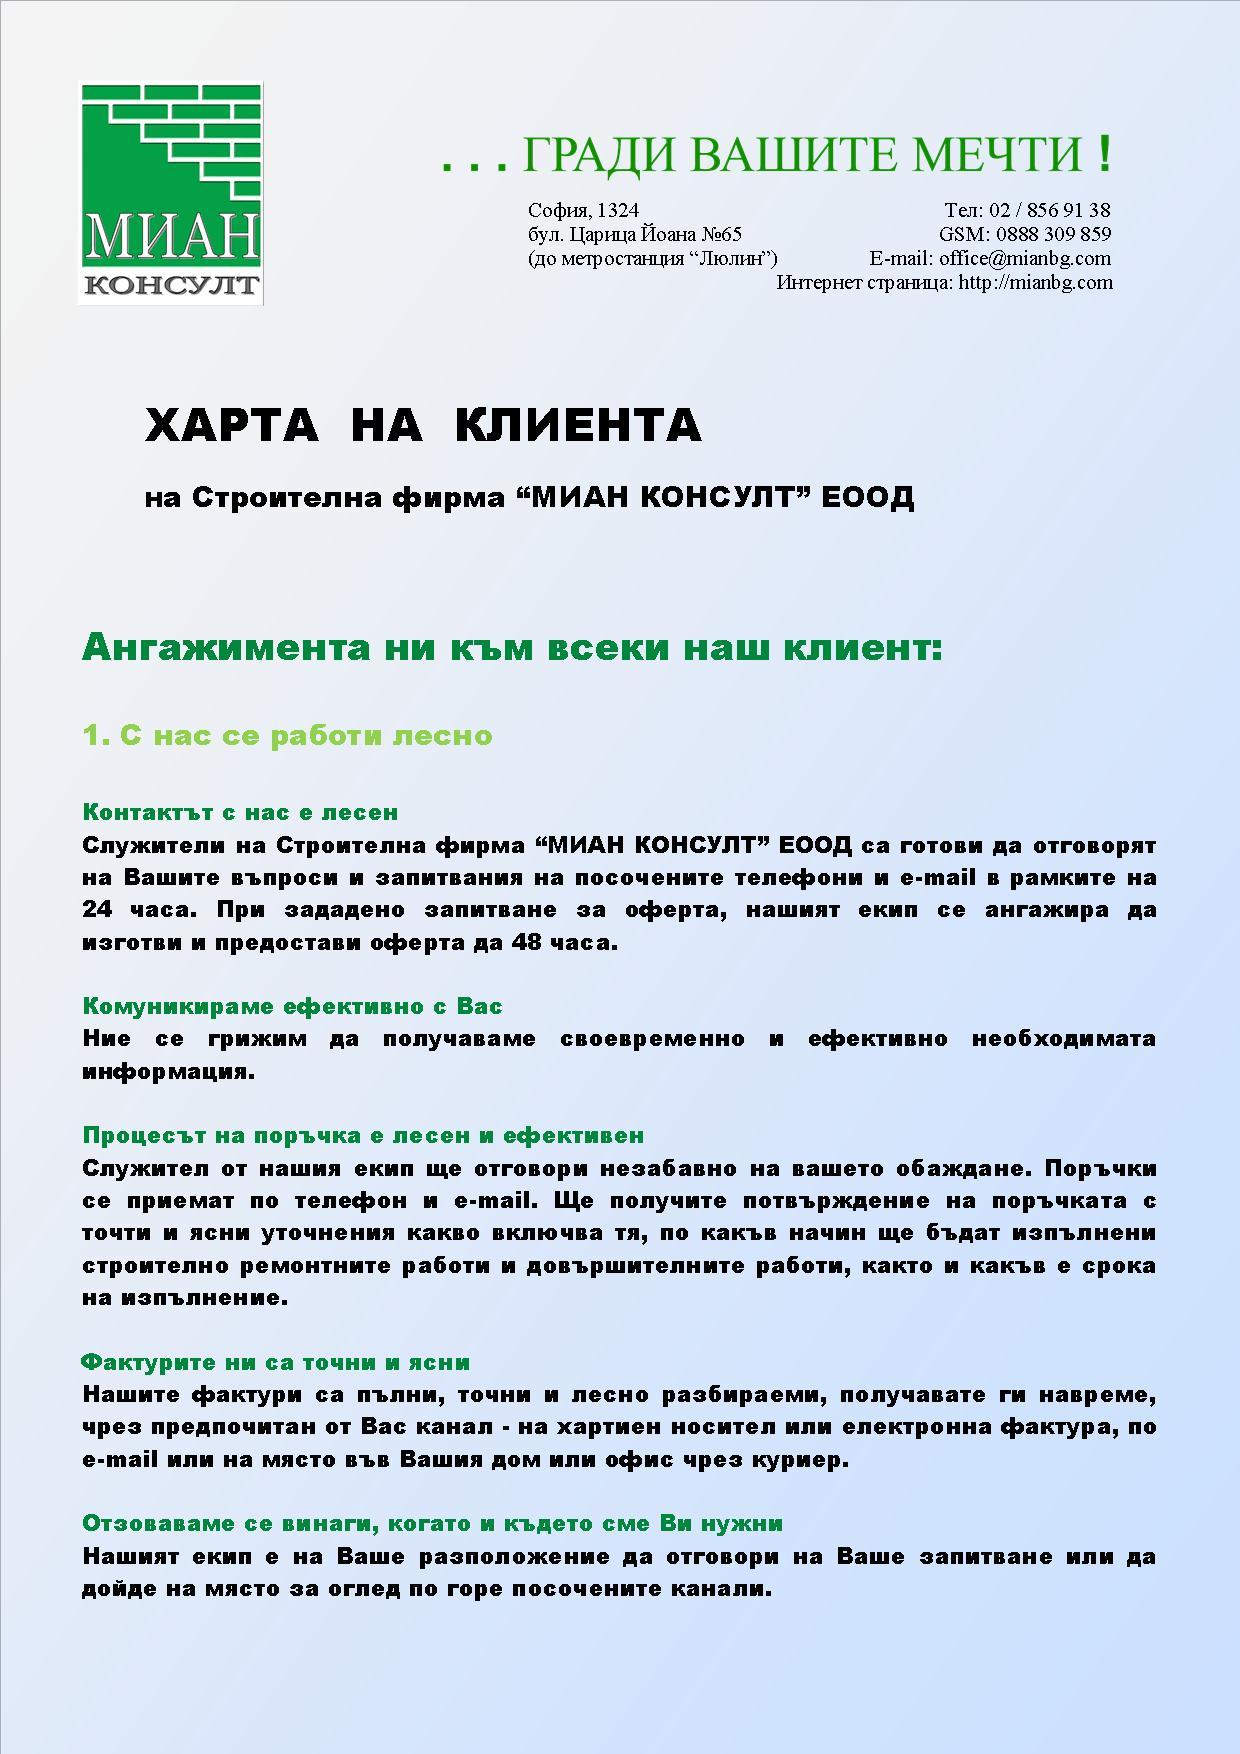 Харта на клиента стр.1